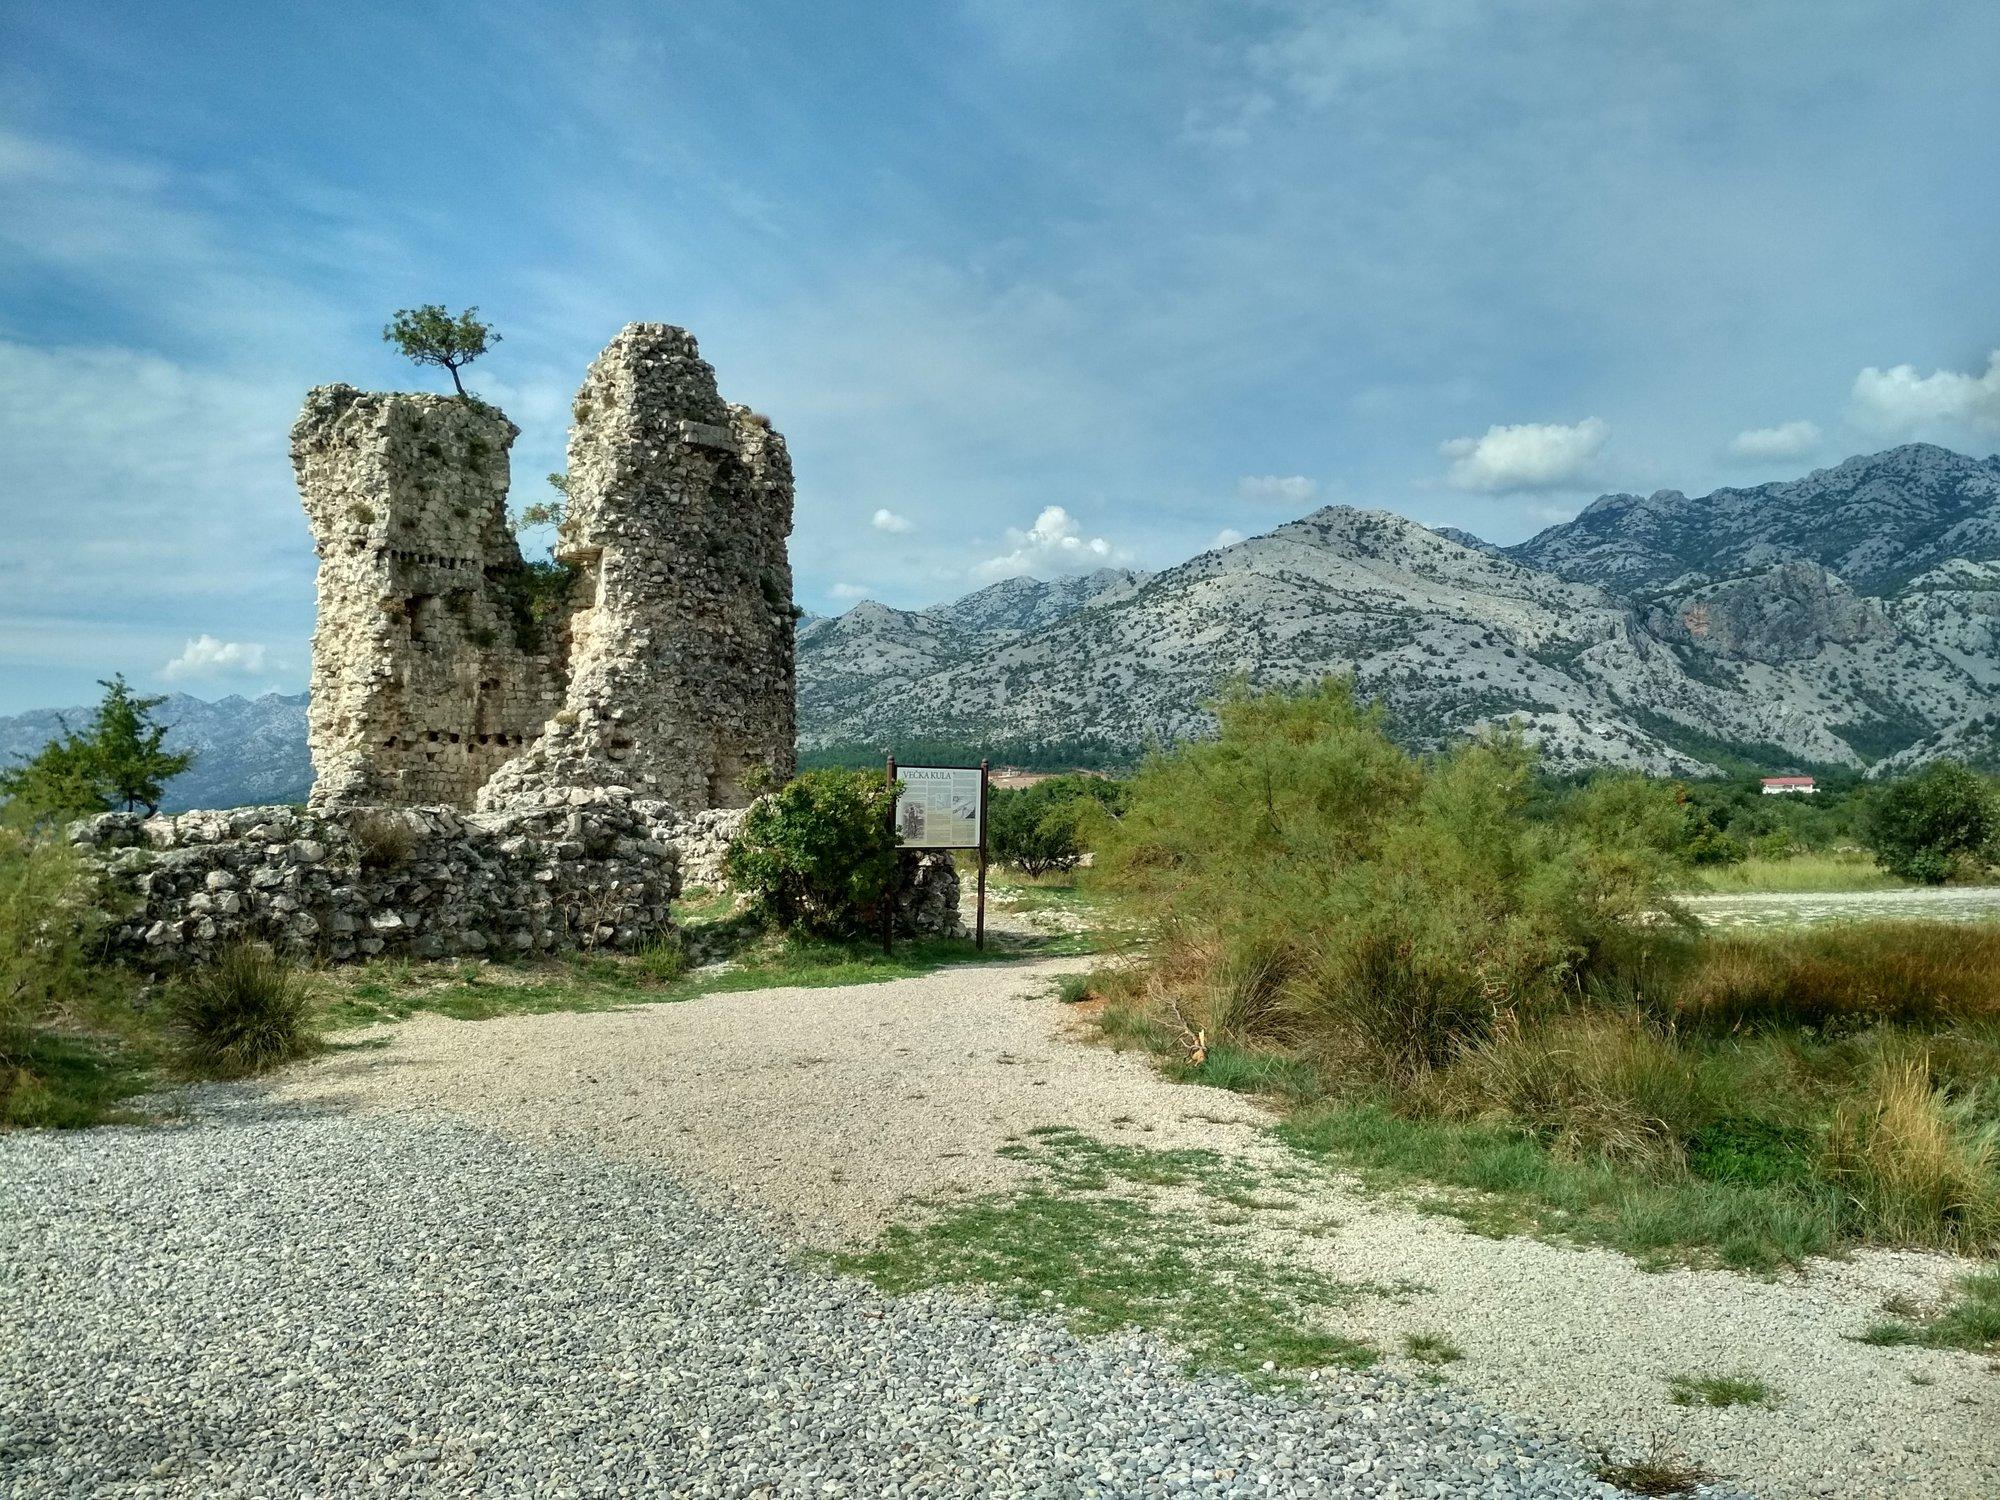 5d14c22328296 spomienka na natáčanie Vinnetoua Starigrad je skvelým východiskovým bodom  pre výlety